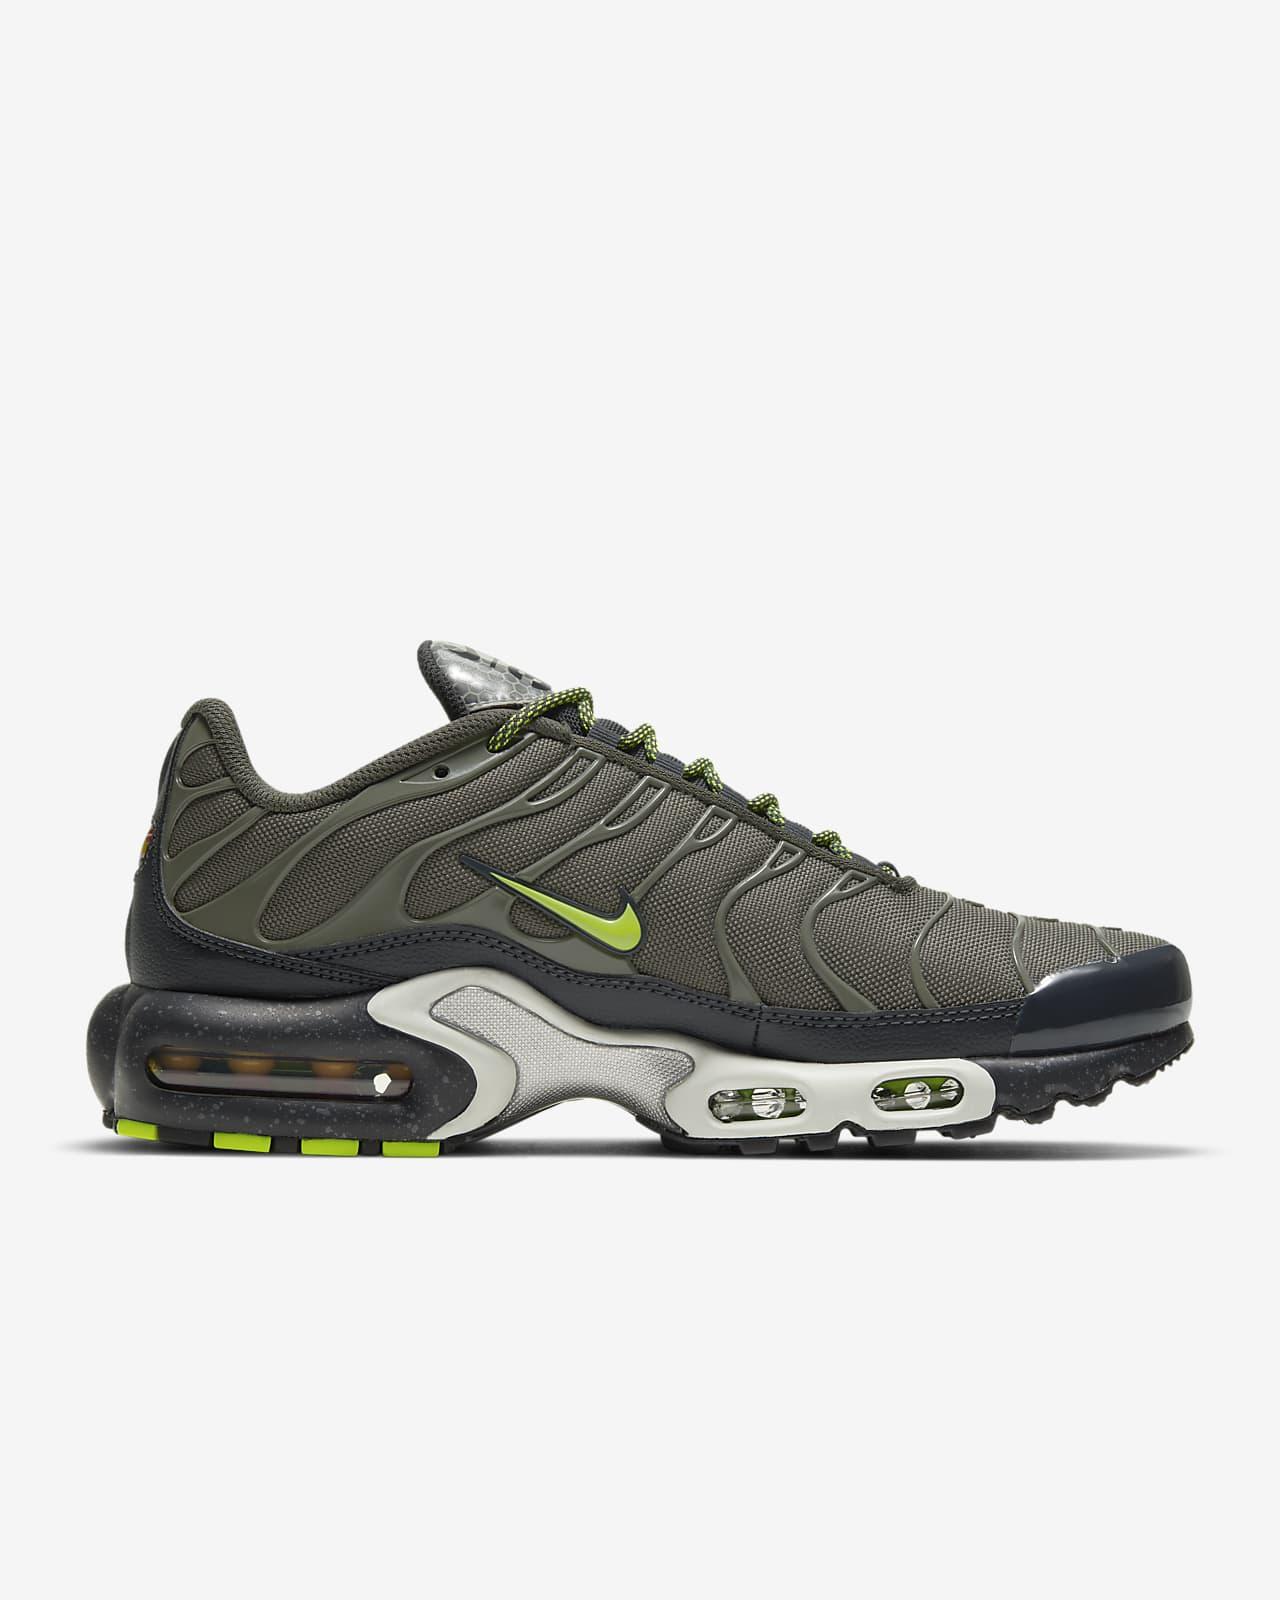 Nike Air Max Plus SE Men's Shoe. Nike BG